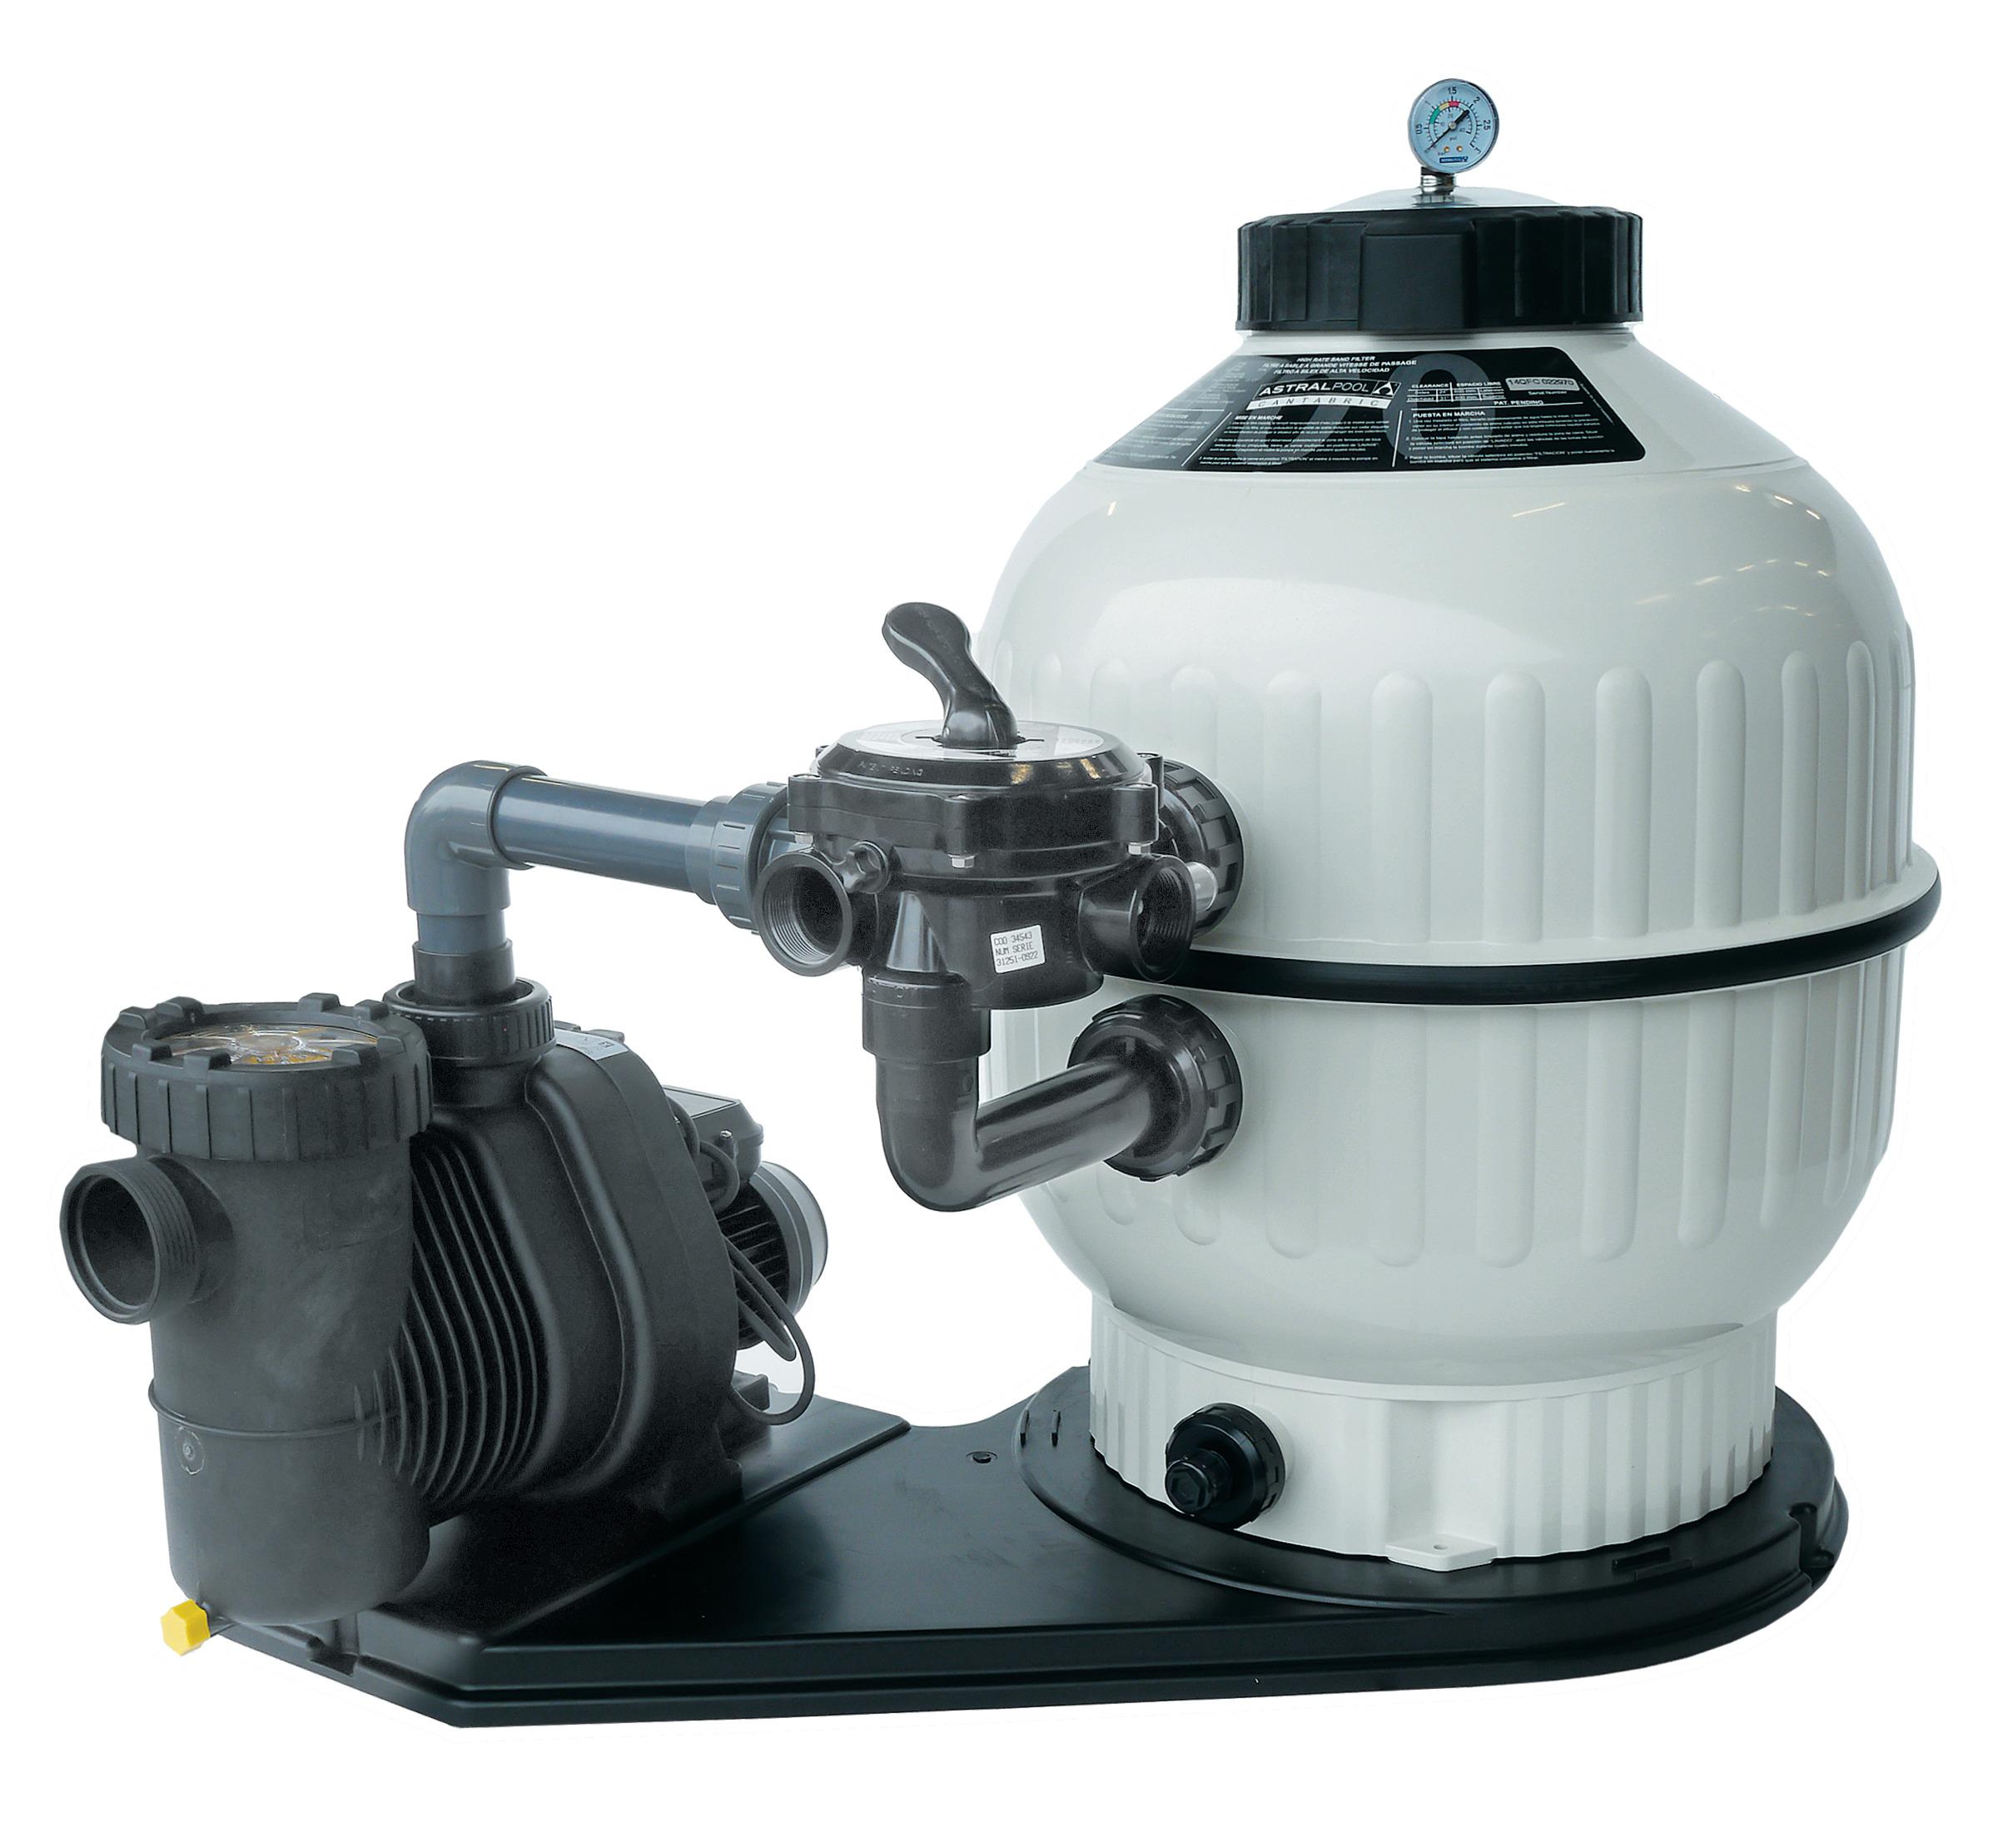 Aktion Filteranlage Cantabric mit Speck Pumpe Ø500 Speck Super Pump Premium 12 230 V 50 m³